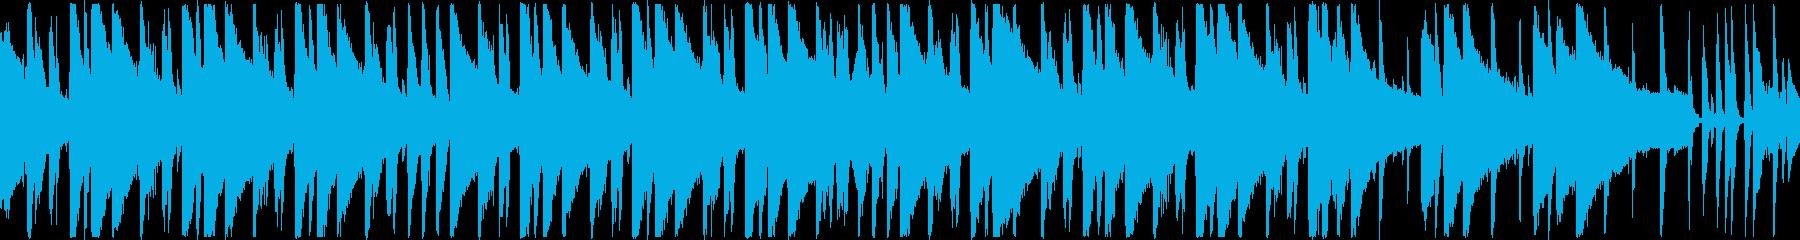 ルージーな印象のピアノポップBGMの再生済みの波形